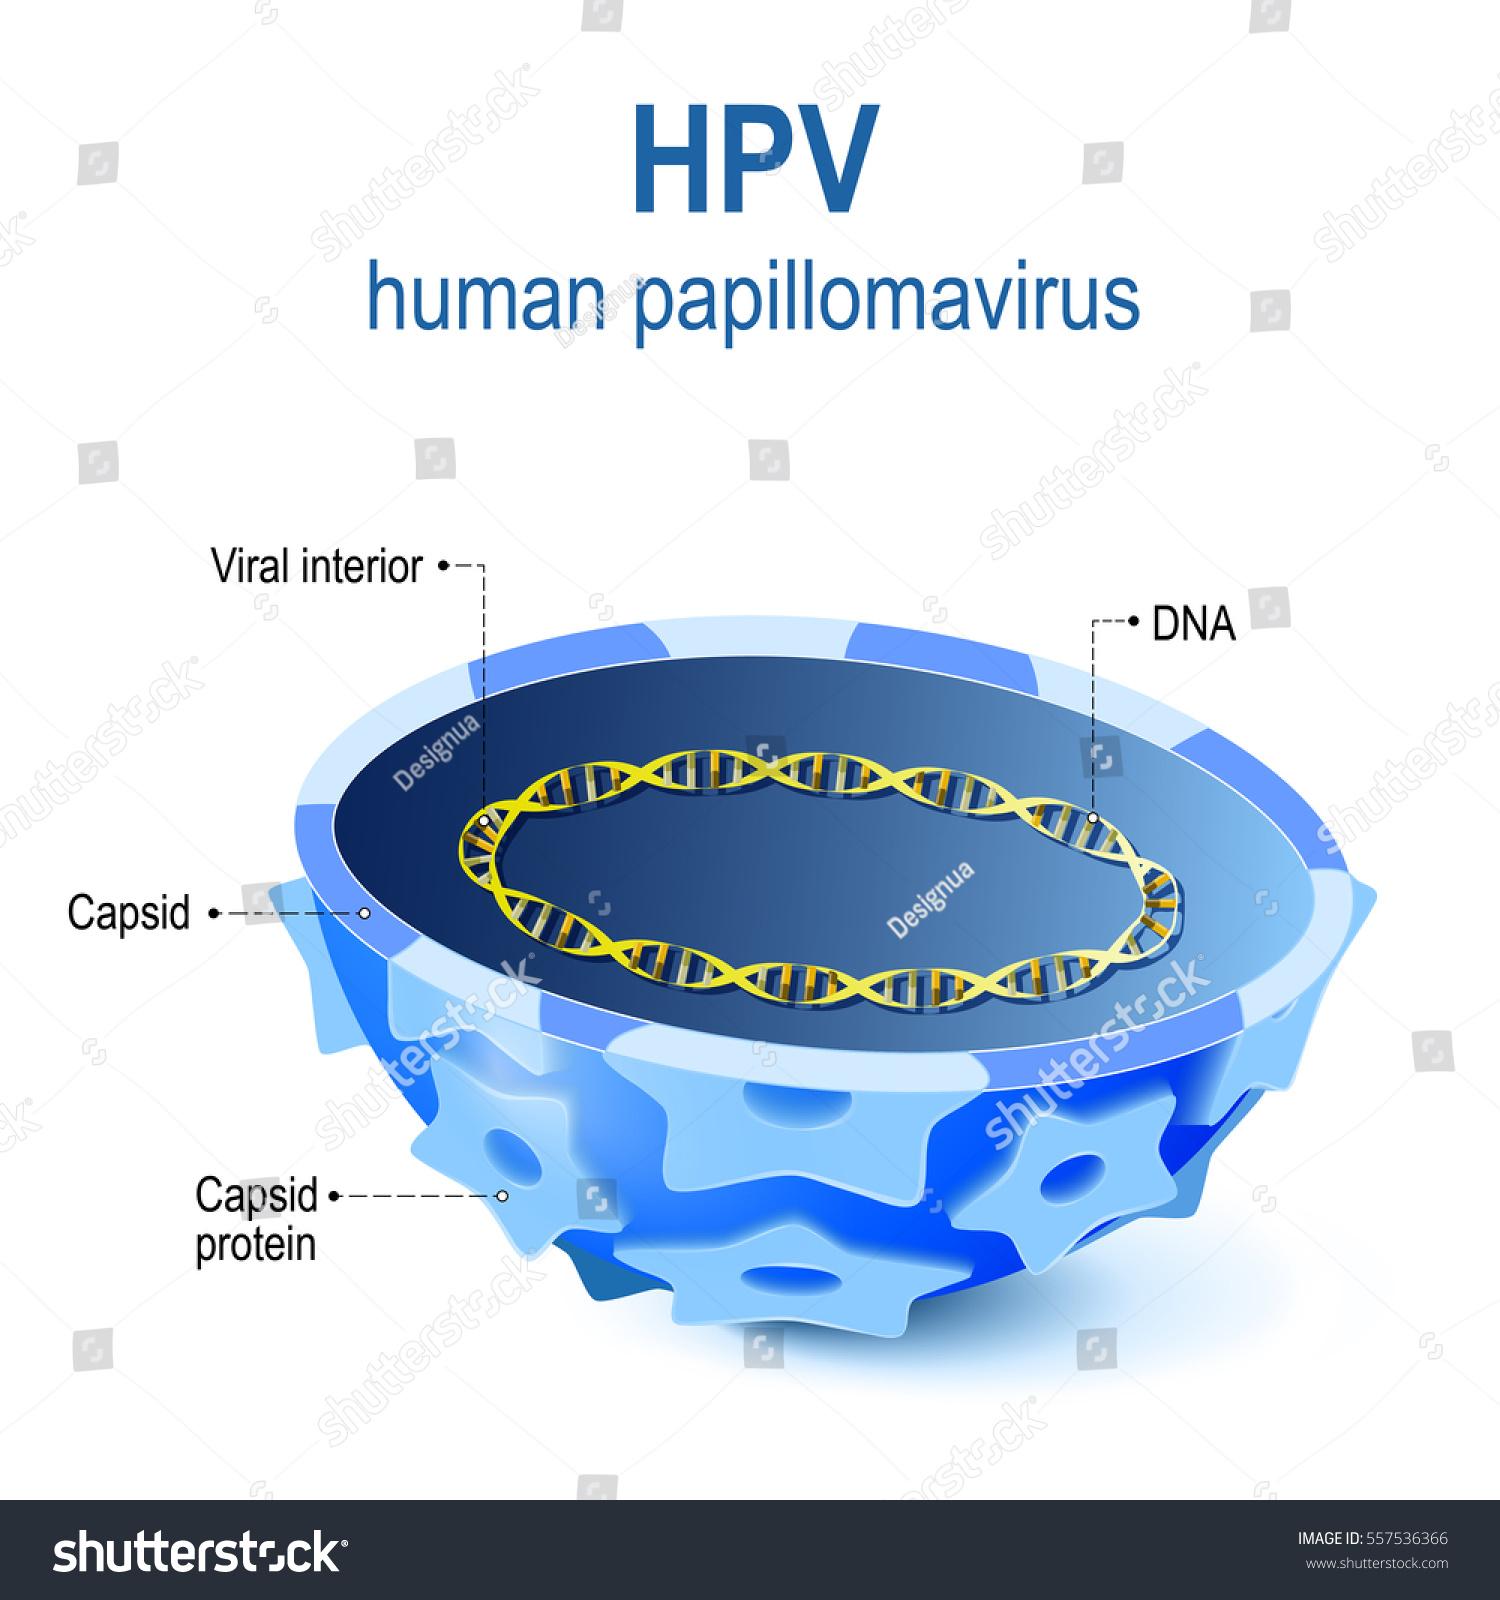 Hpv Human Papillomavirus Vector Illustration Viral Stock